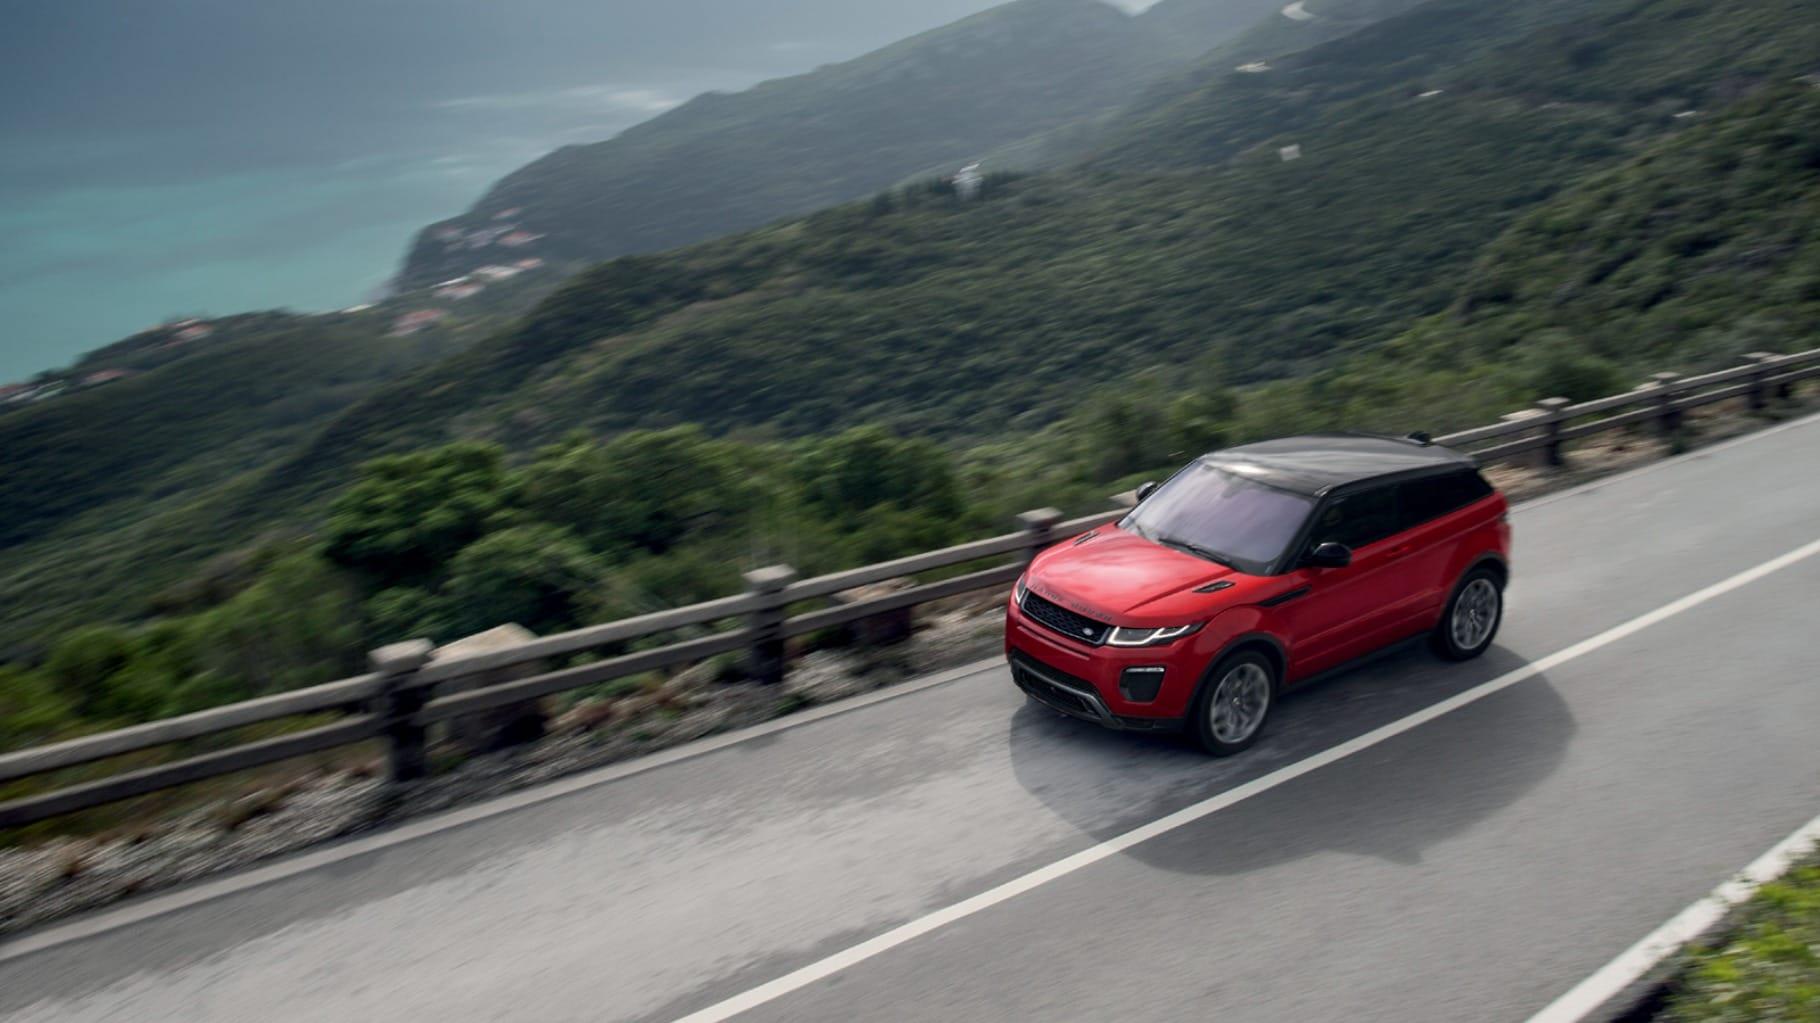 2016 Range Rover Evoque on road